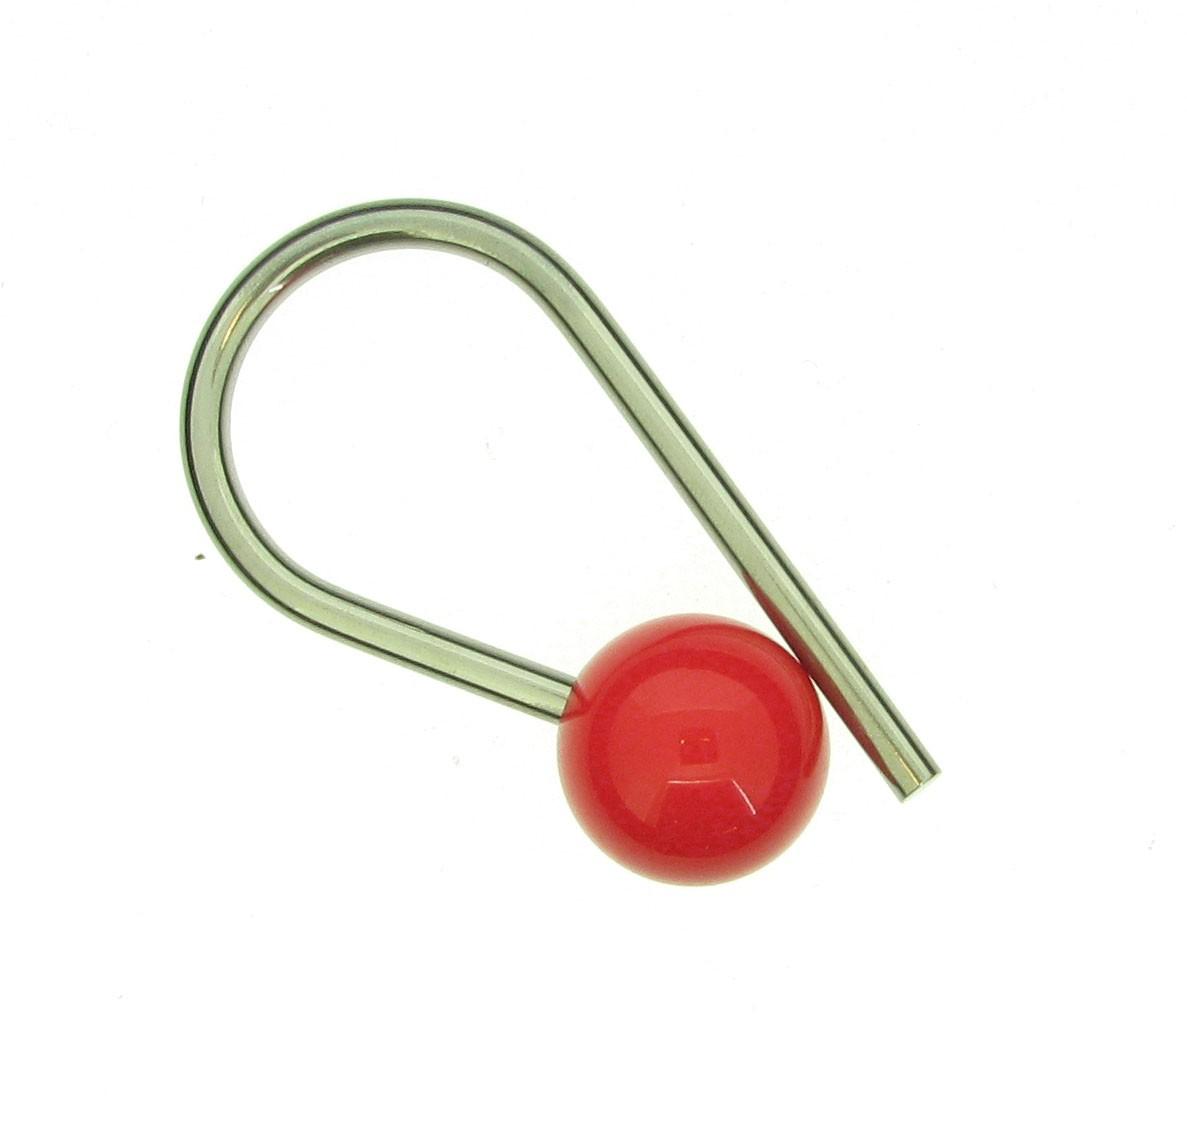 Schlüsselanhänger - tamawa - AP18